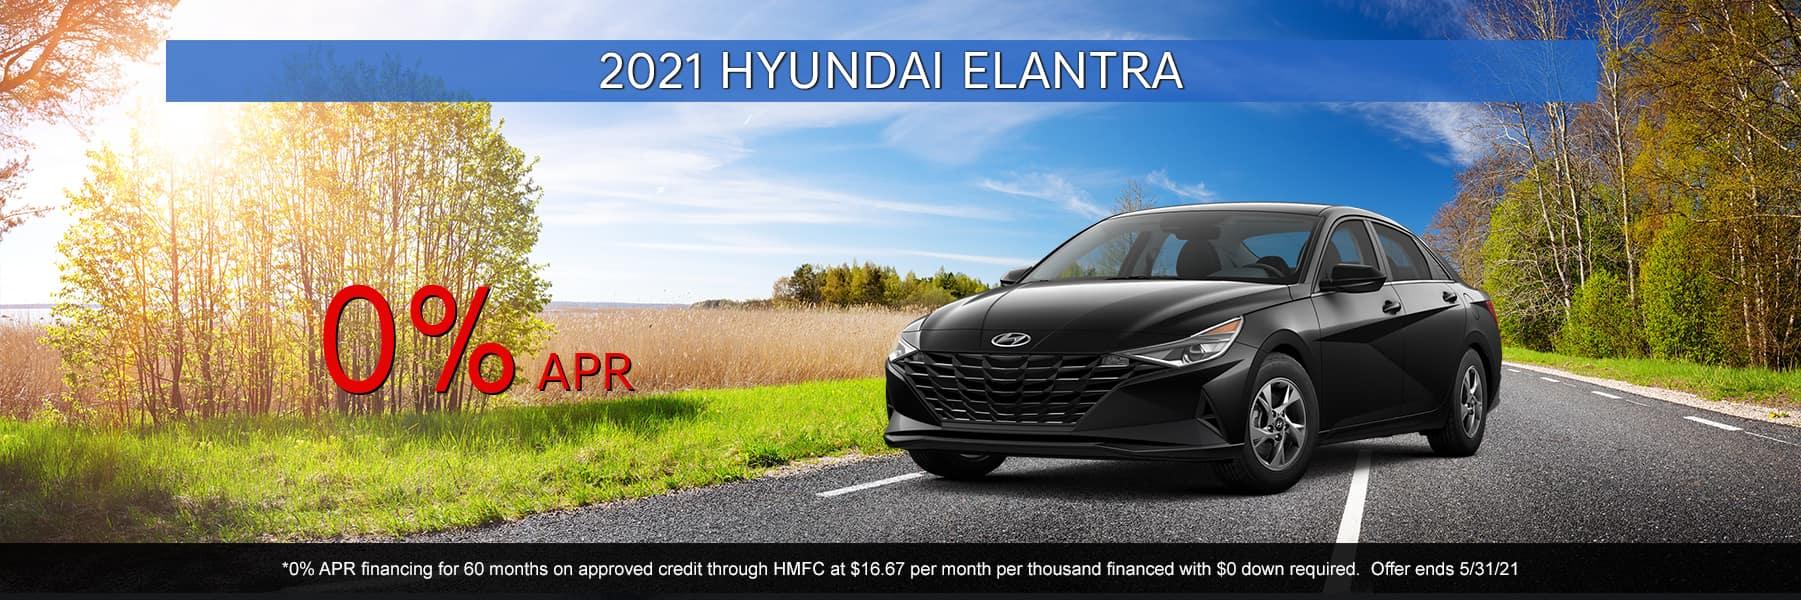 2021-Hyundai-Elantra-May21